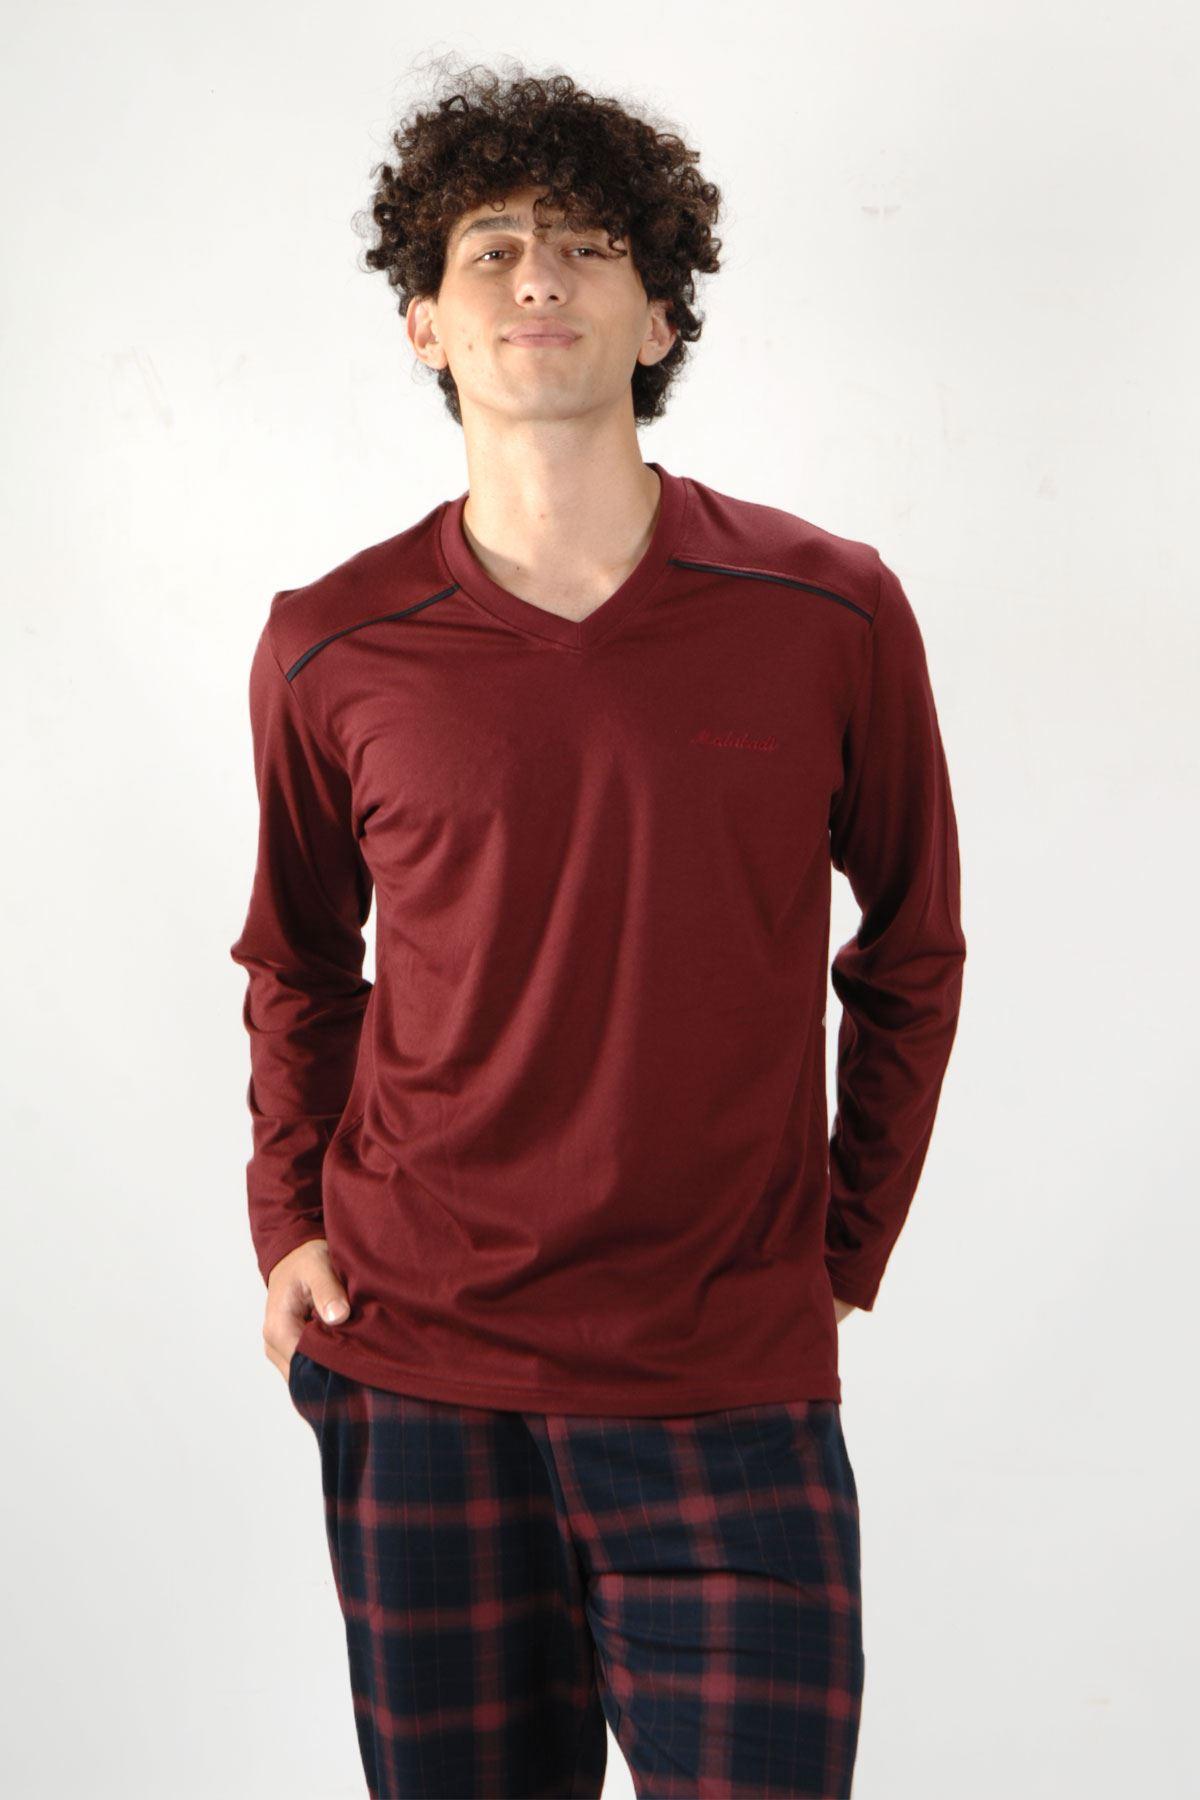 Bordo Ekoseli Erkek Pijama Takımı V Yaka Kışlık Uzun Kollu Pijama 6014